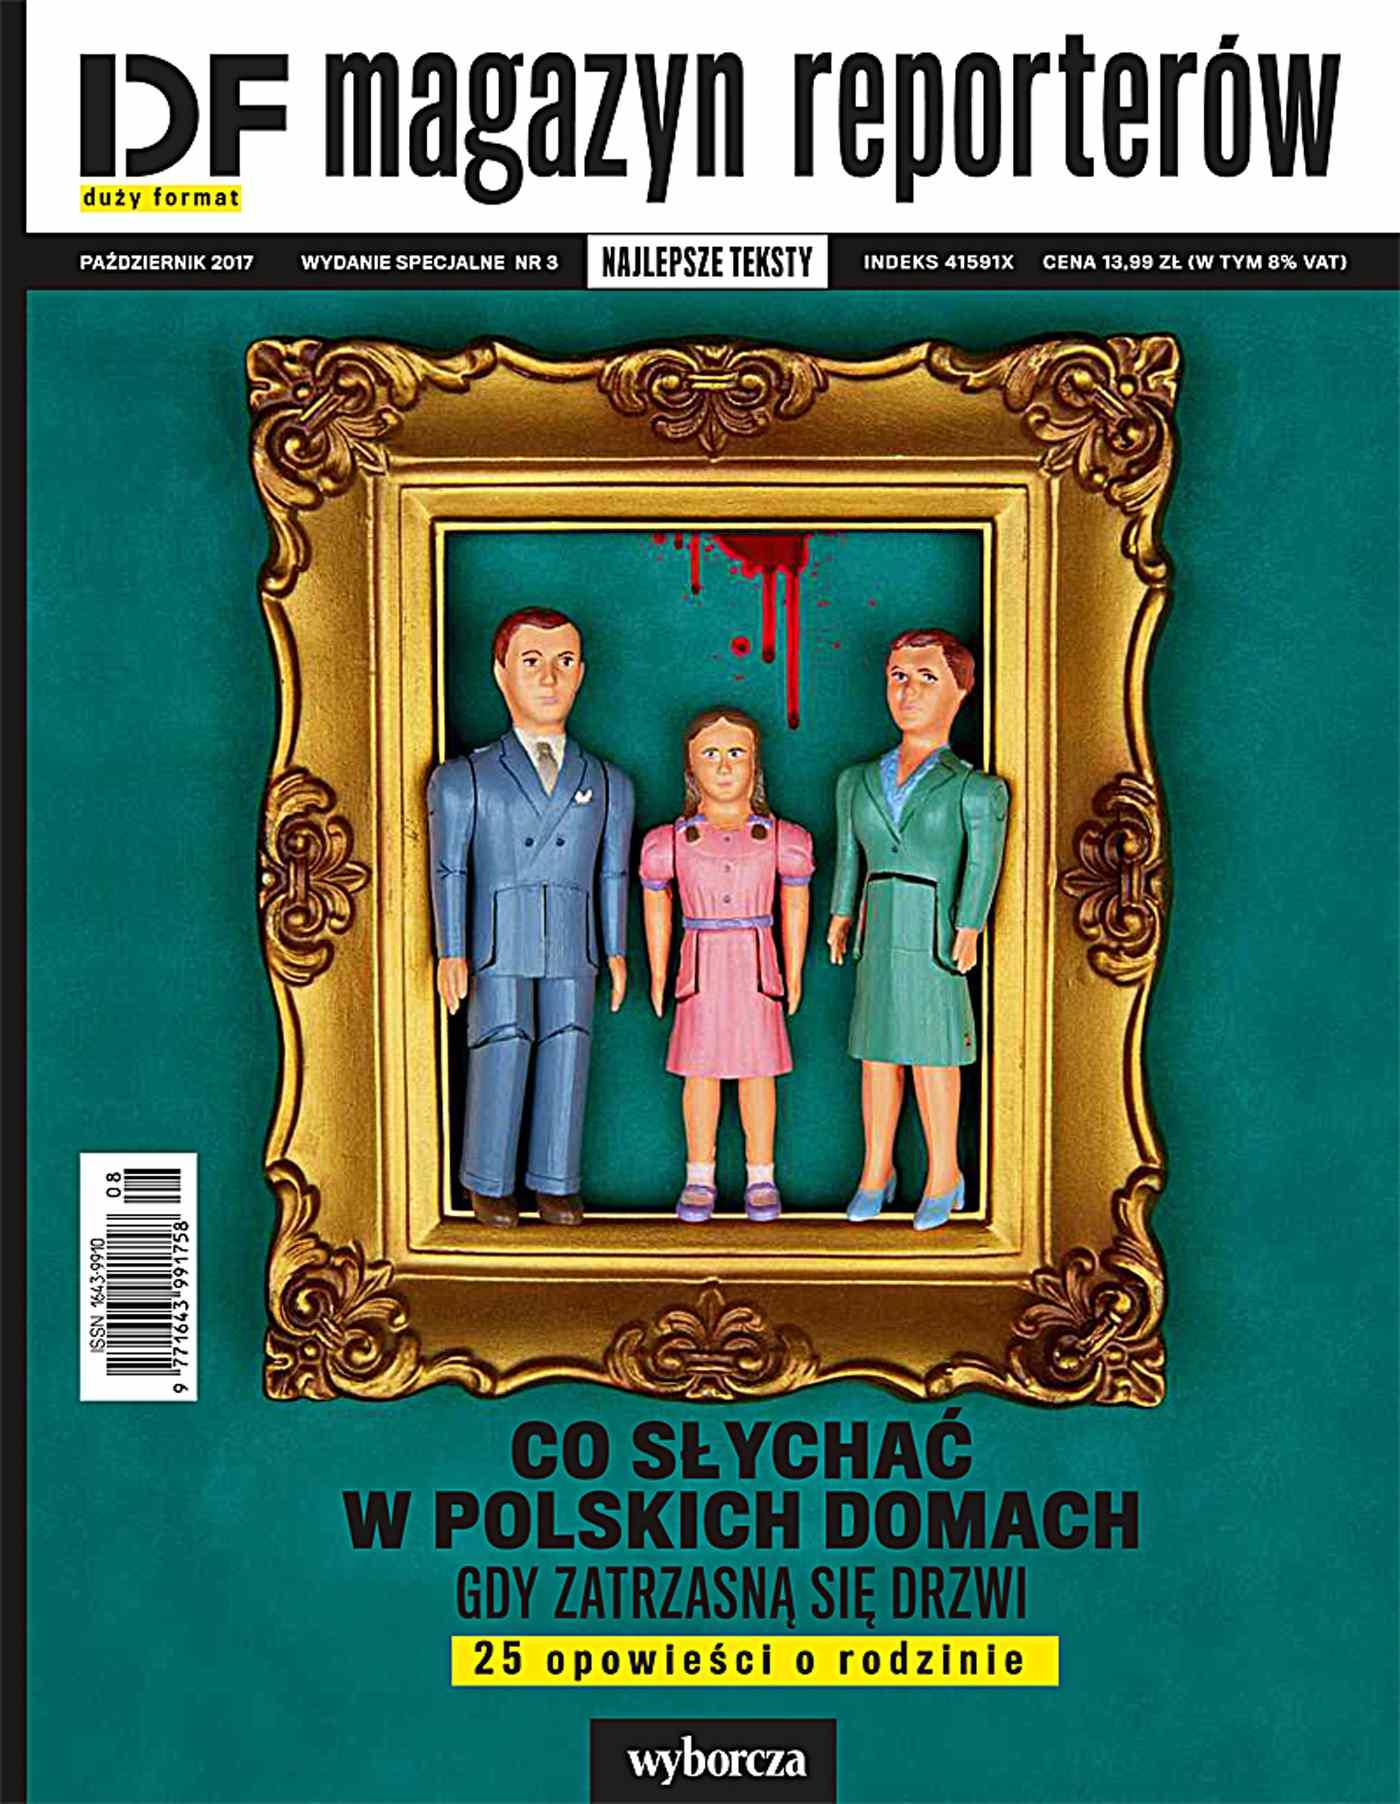 Duży Format. Wydanie Specjalne 3/2017 DF Magazyn Reporterów. Co słychać w polskich domach - Ebook (Książka na Kindle) do pobrania w formacie MOBI